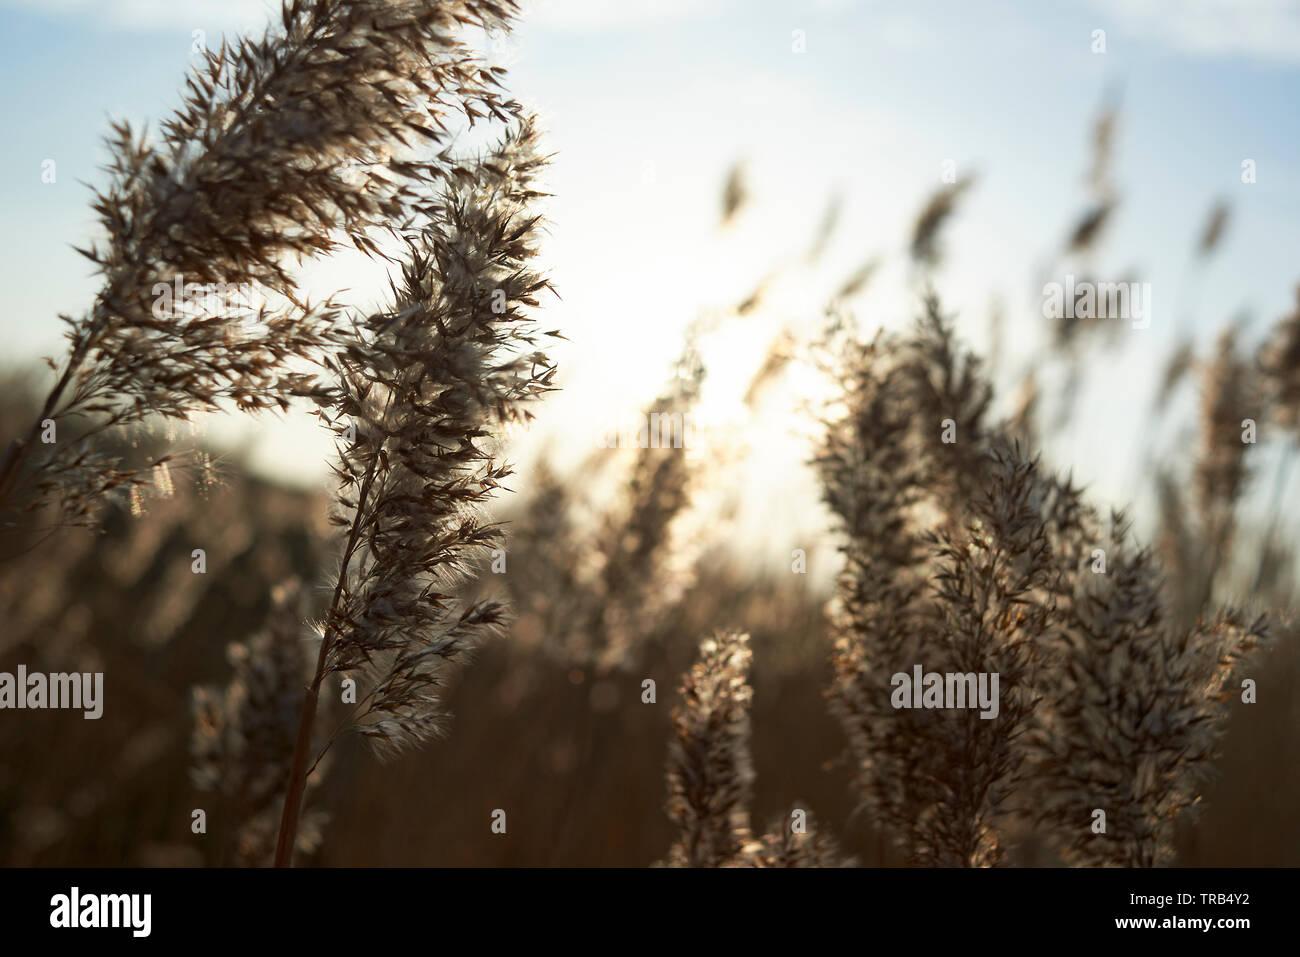 Amazing close up de roseaux dans le vent en plein soleil d'hiver Banque D'Images